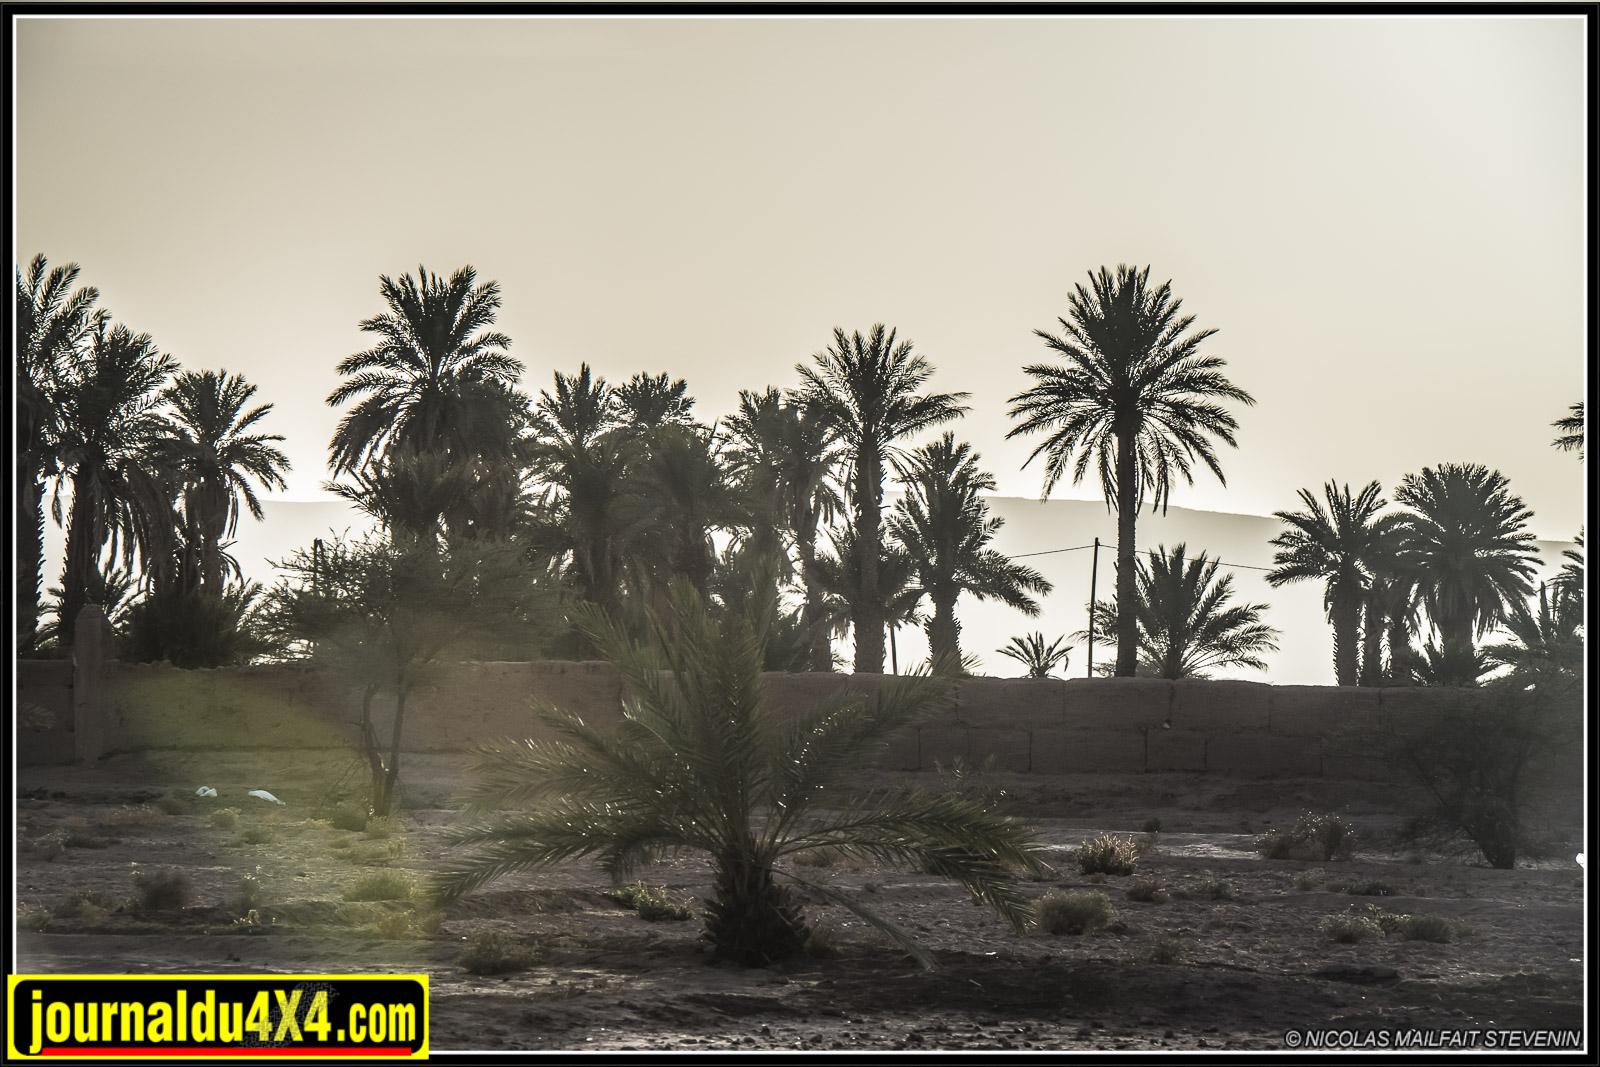 rallye-aicha-gazelles-maroc-2017-6962.jpg